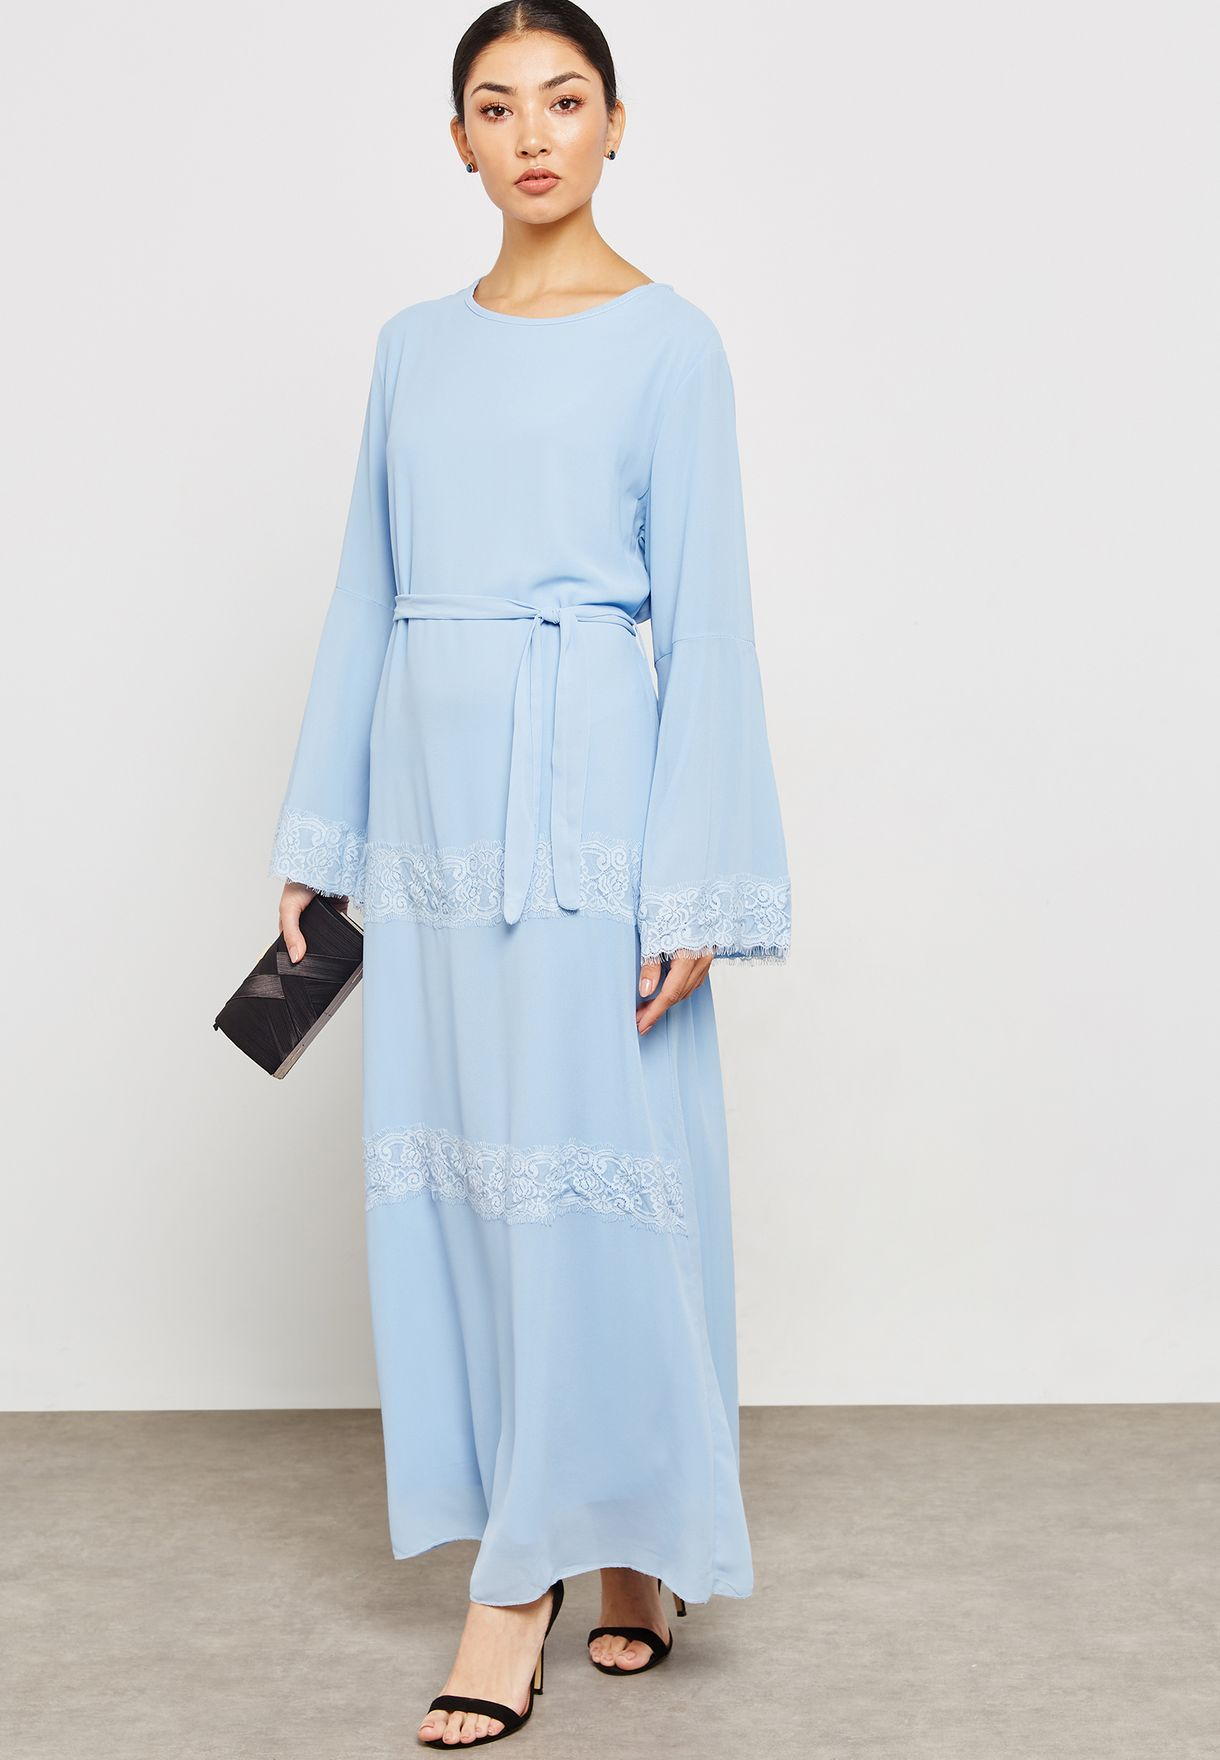 Lace Insert Detail Self Tie Maxi Dress